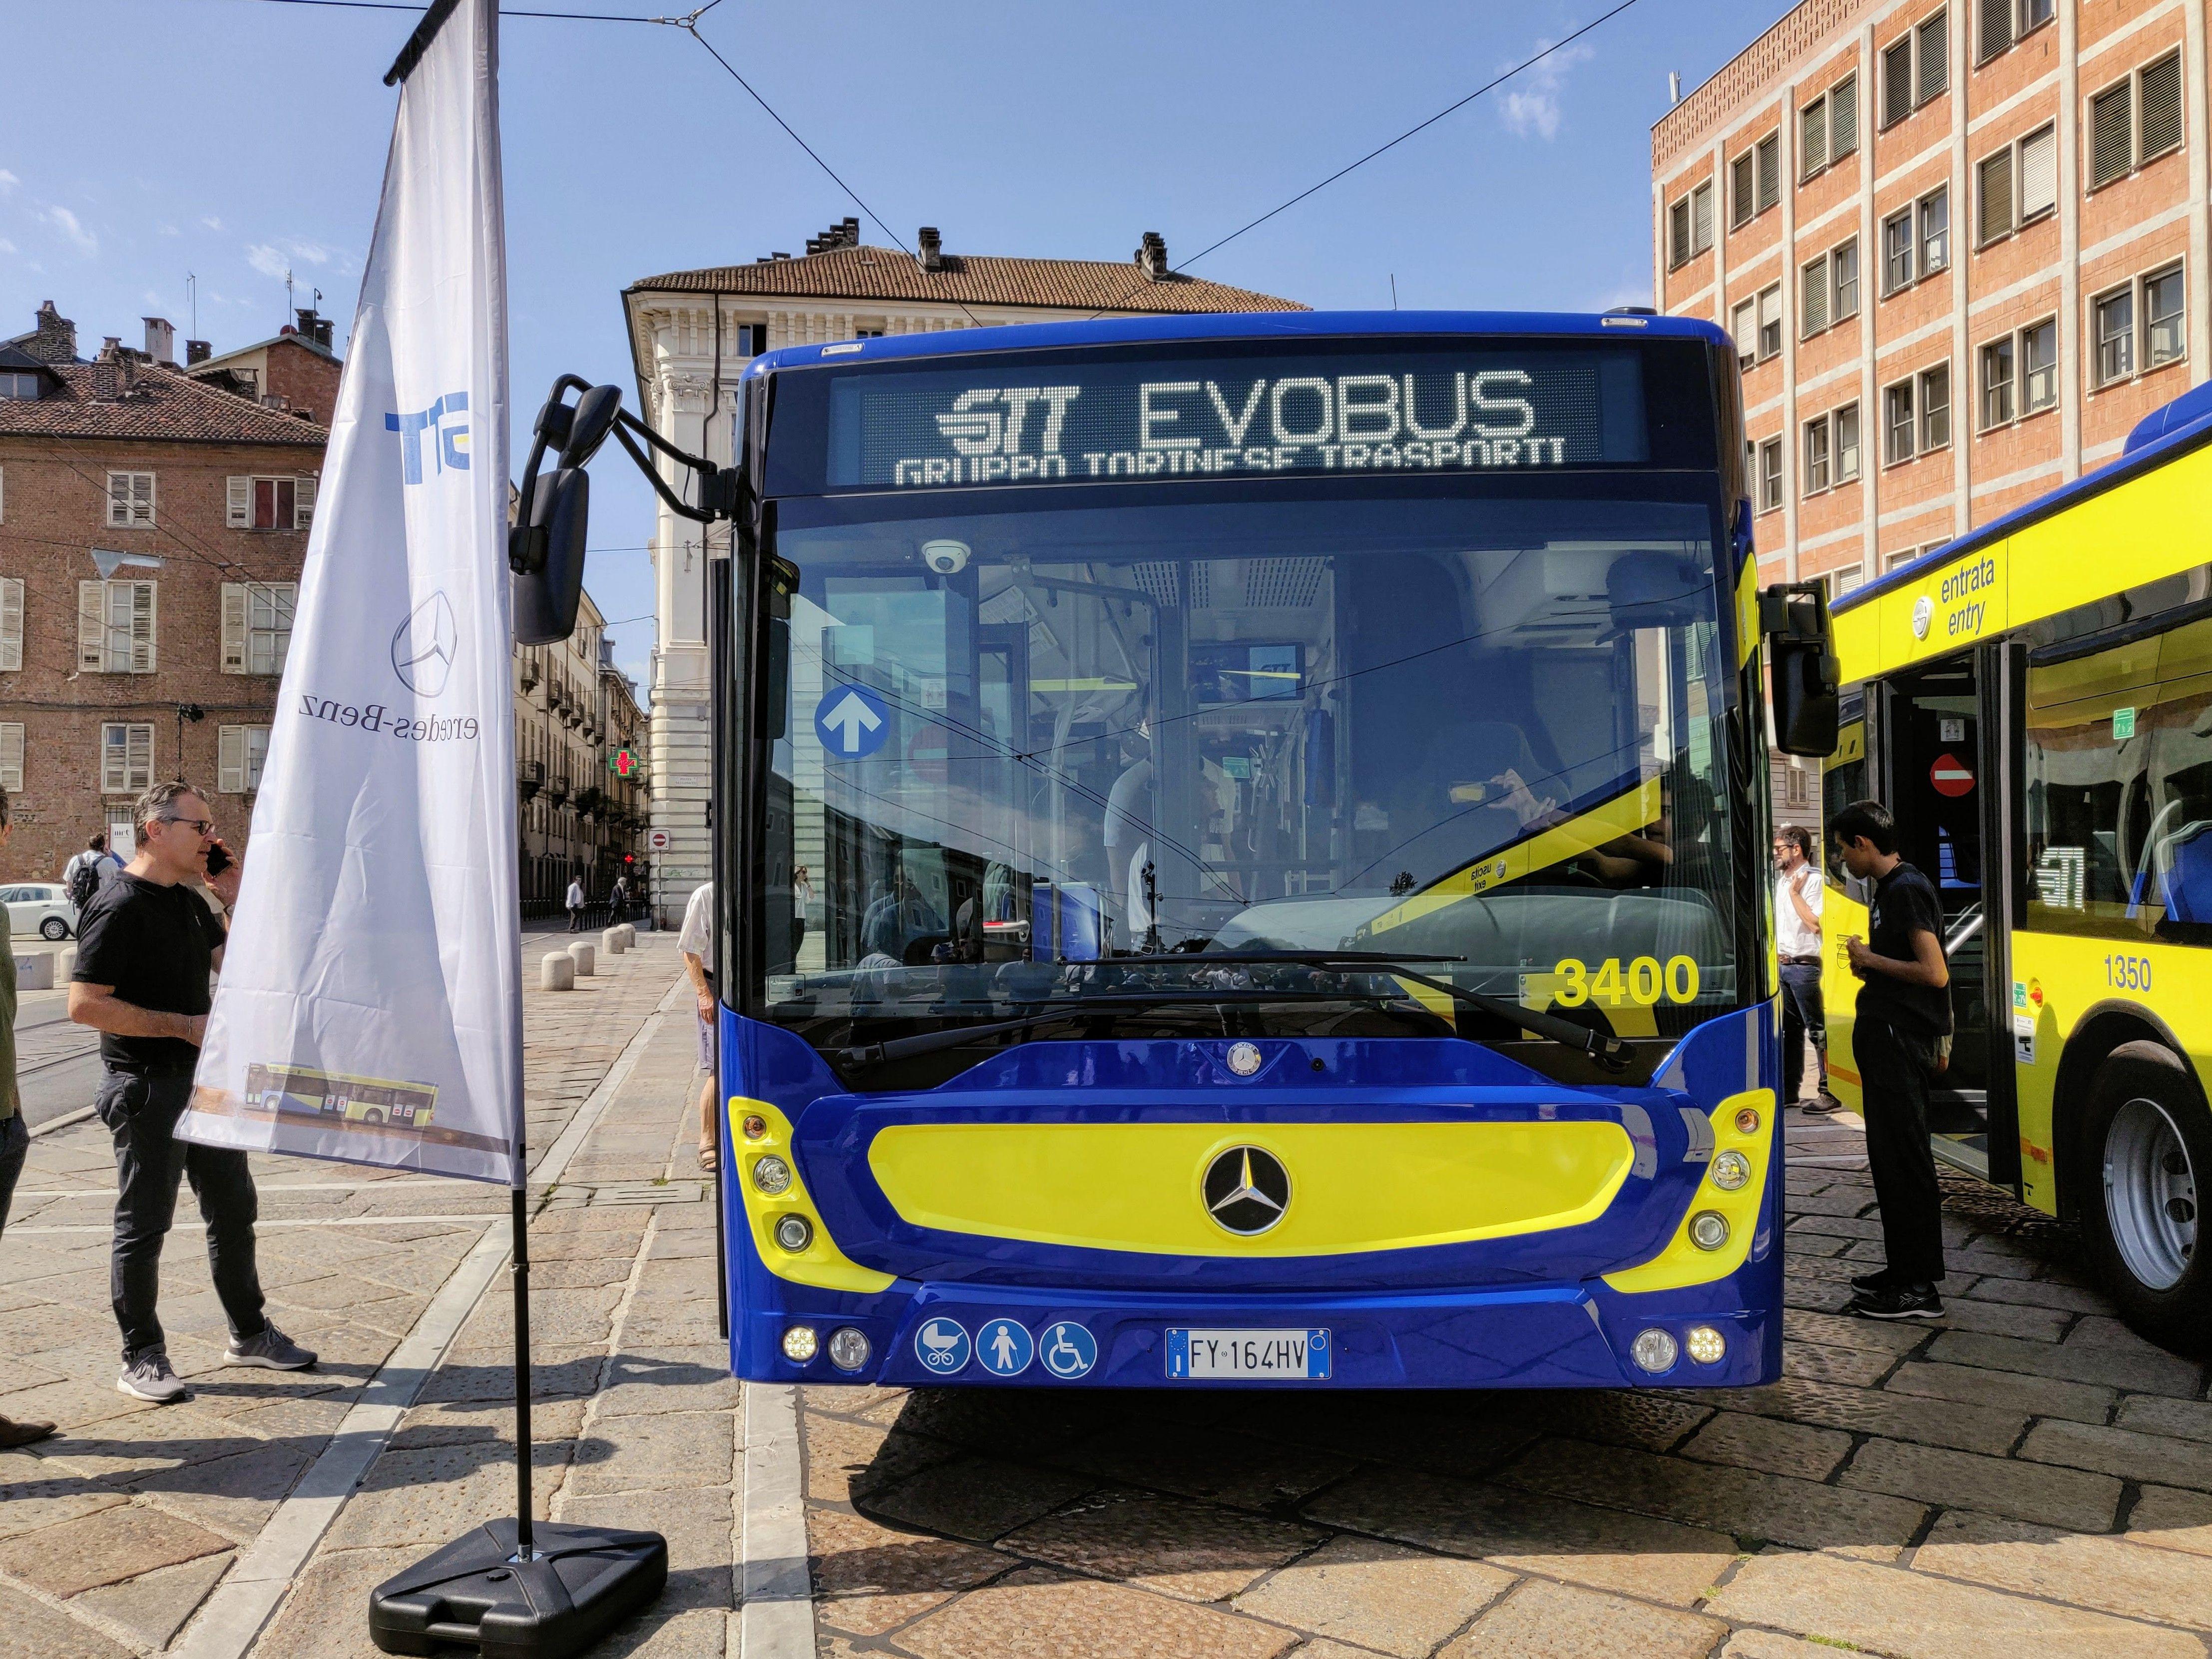 MAPPANO - Gtt propone la linea 26 per raggiungere Torino Stura